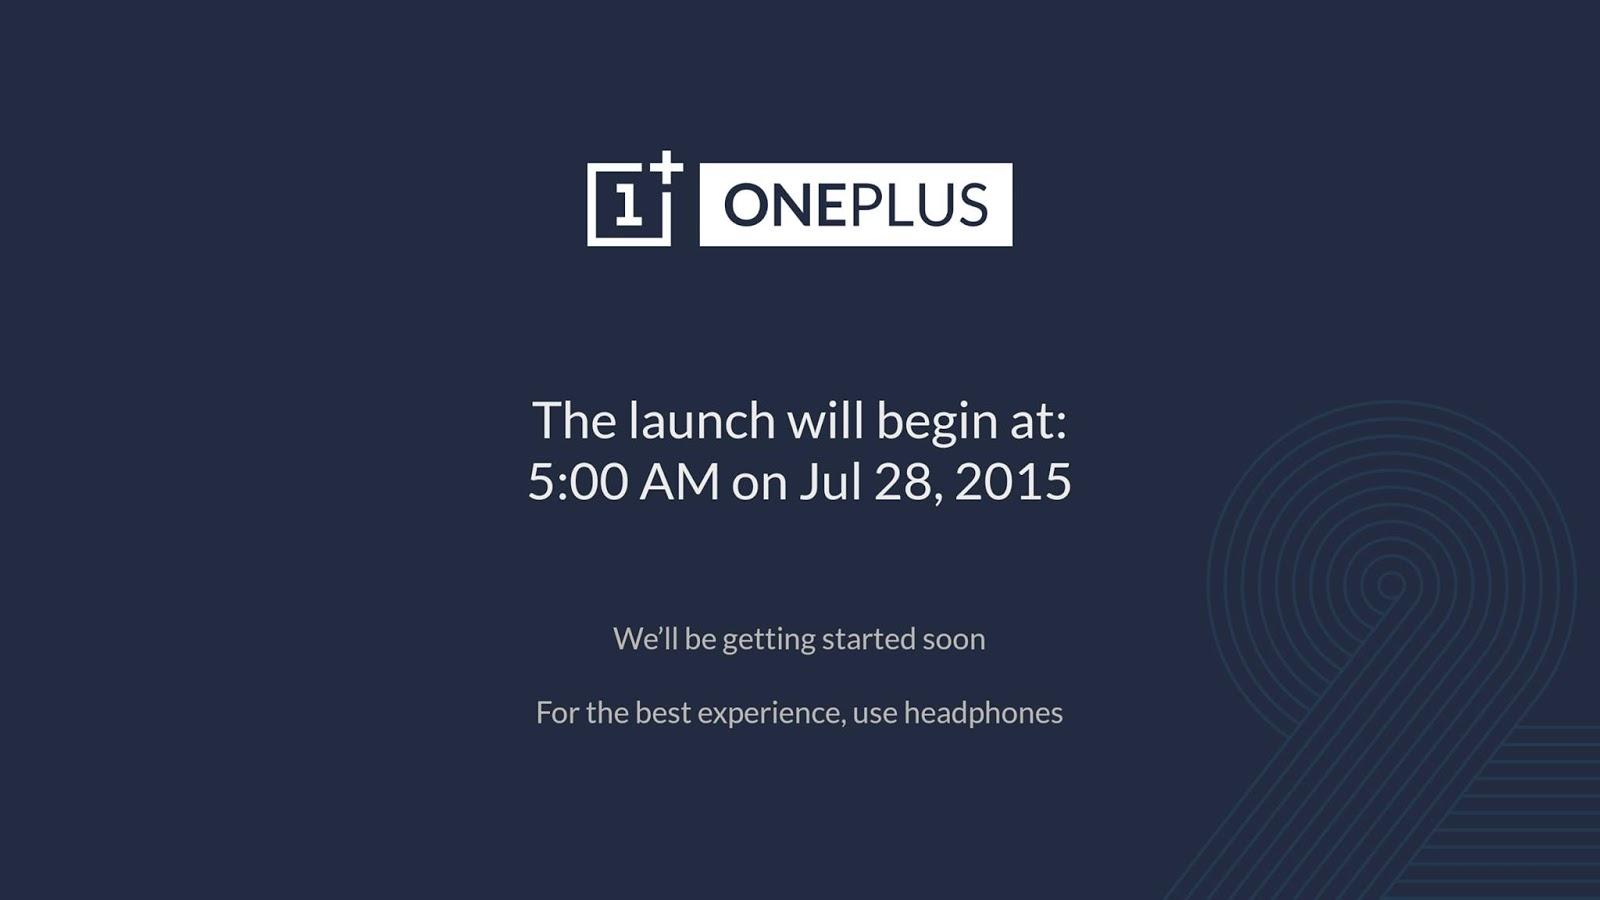 Lansarea lui OnePlus 2 va putea fi urmărită pe 28 iulie la ora 5:00 (ora României); iată și detalii despre modalitatea de înscriere pe lista de așteptare ce aduce invitații